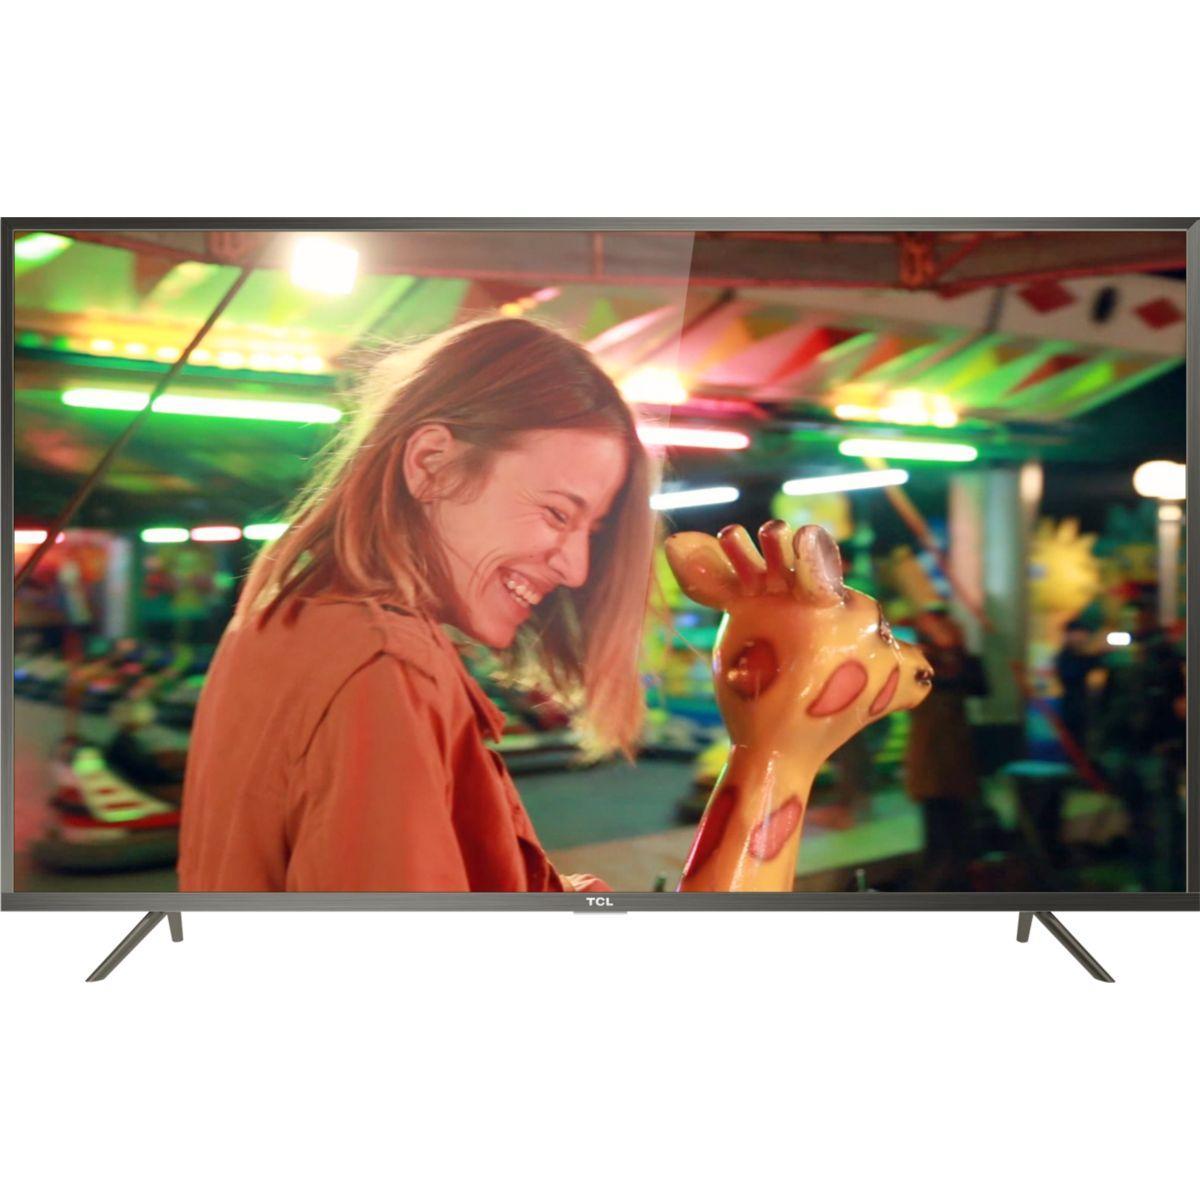 Tv tcl u60p6046 - 5% de remise immédiate avec le code : cool5 (photo)